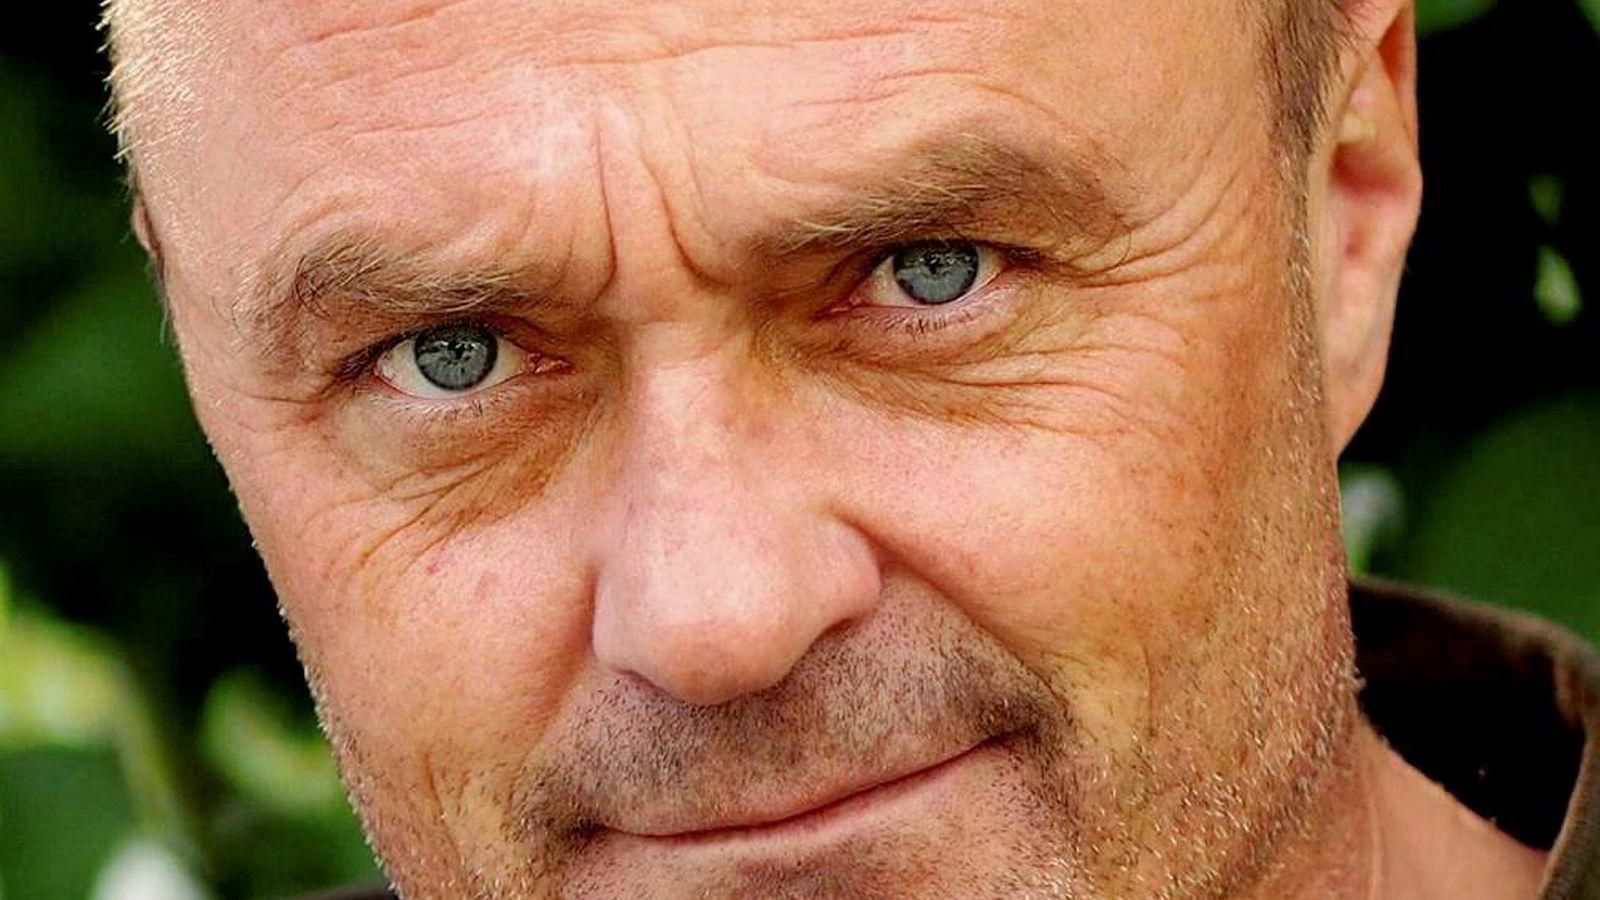 Medierådgiver Jarle Aabø ser frem til at han som 80-åring kan lese mange bøker igjen.